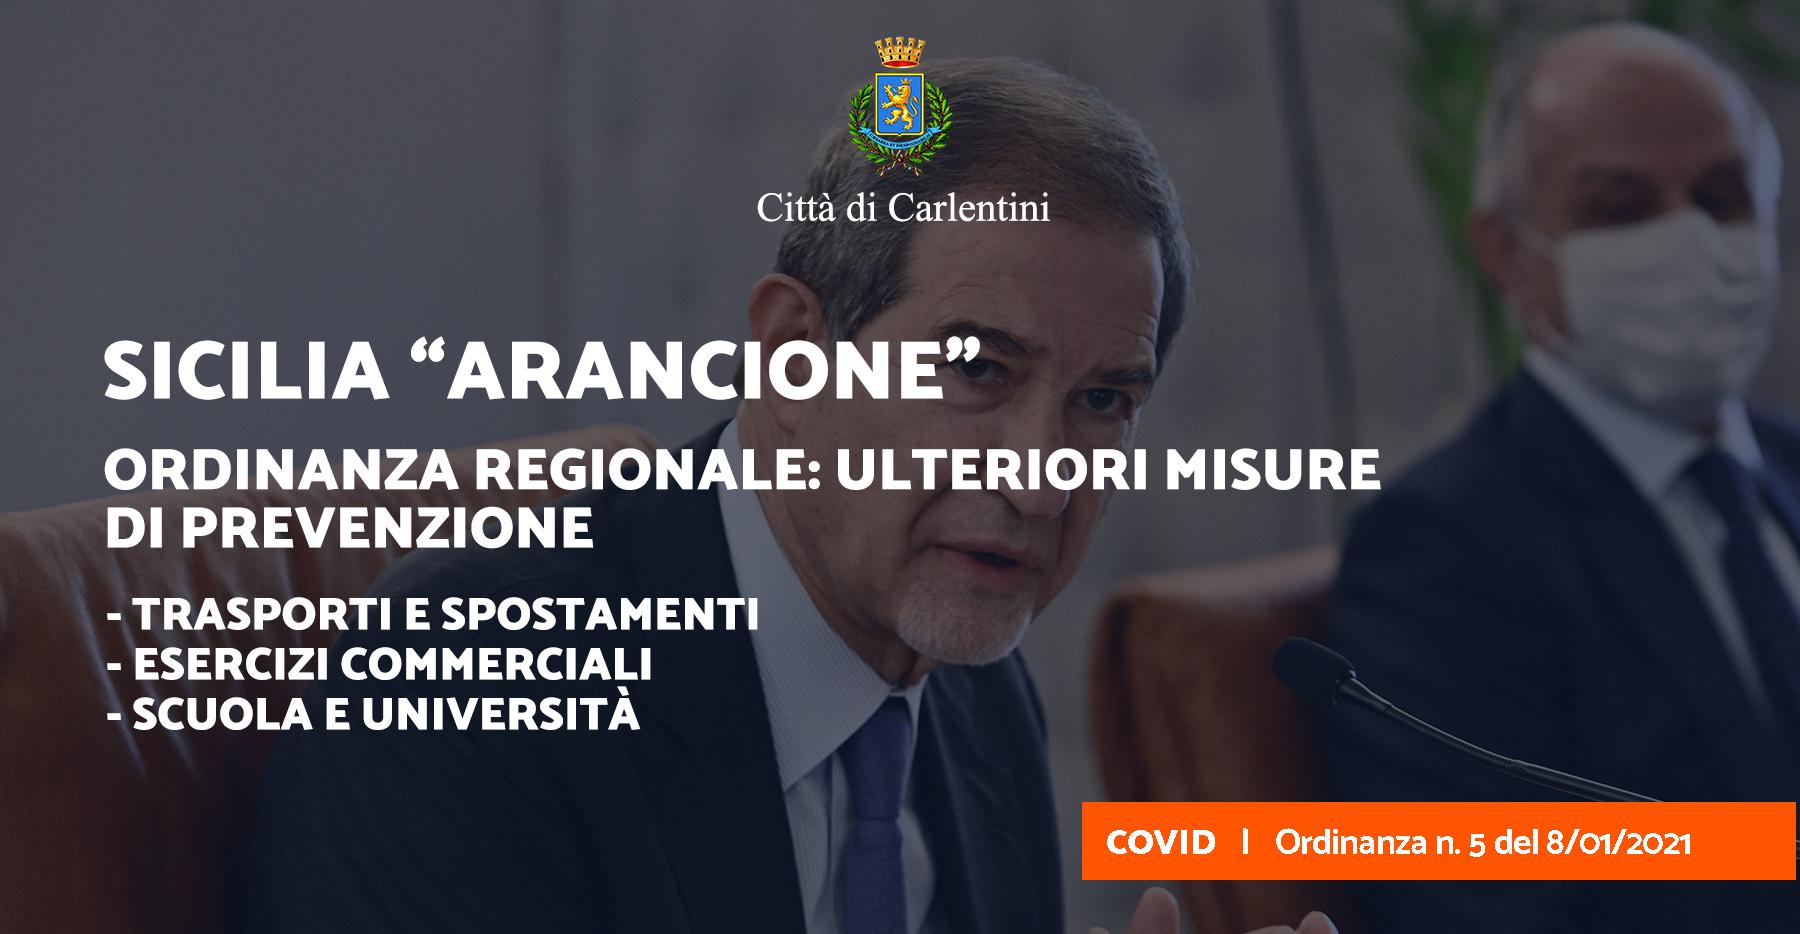 Ordinanza contingibile e urgente n. 5 del 8 gennaio 2021